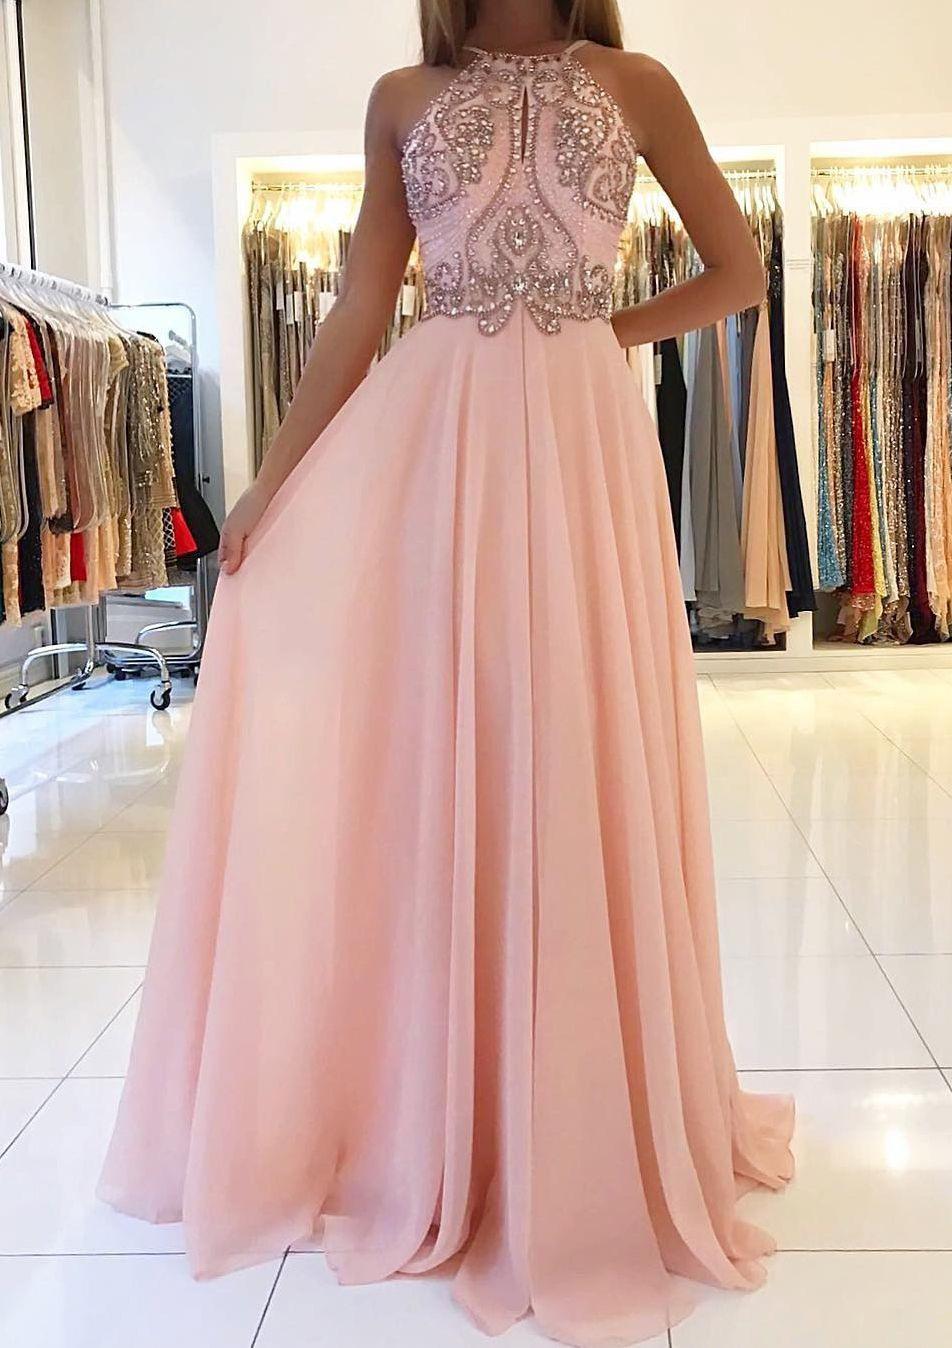 Designer Erstaunlich Abendkleider Rosa für 201917 Ausgezeichnet Abendkleider Rosa Vertrieb